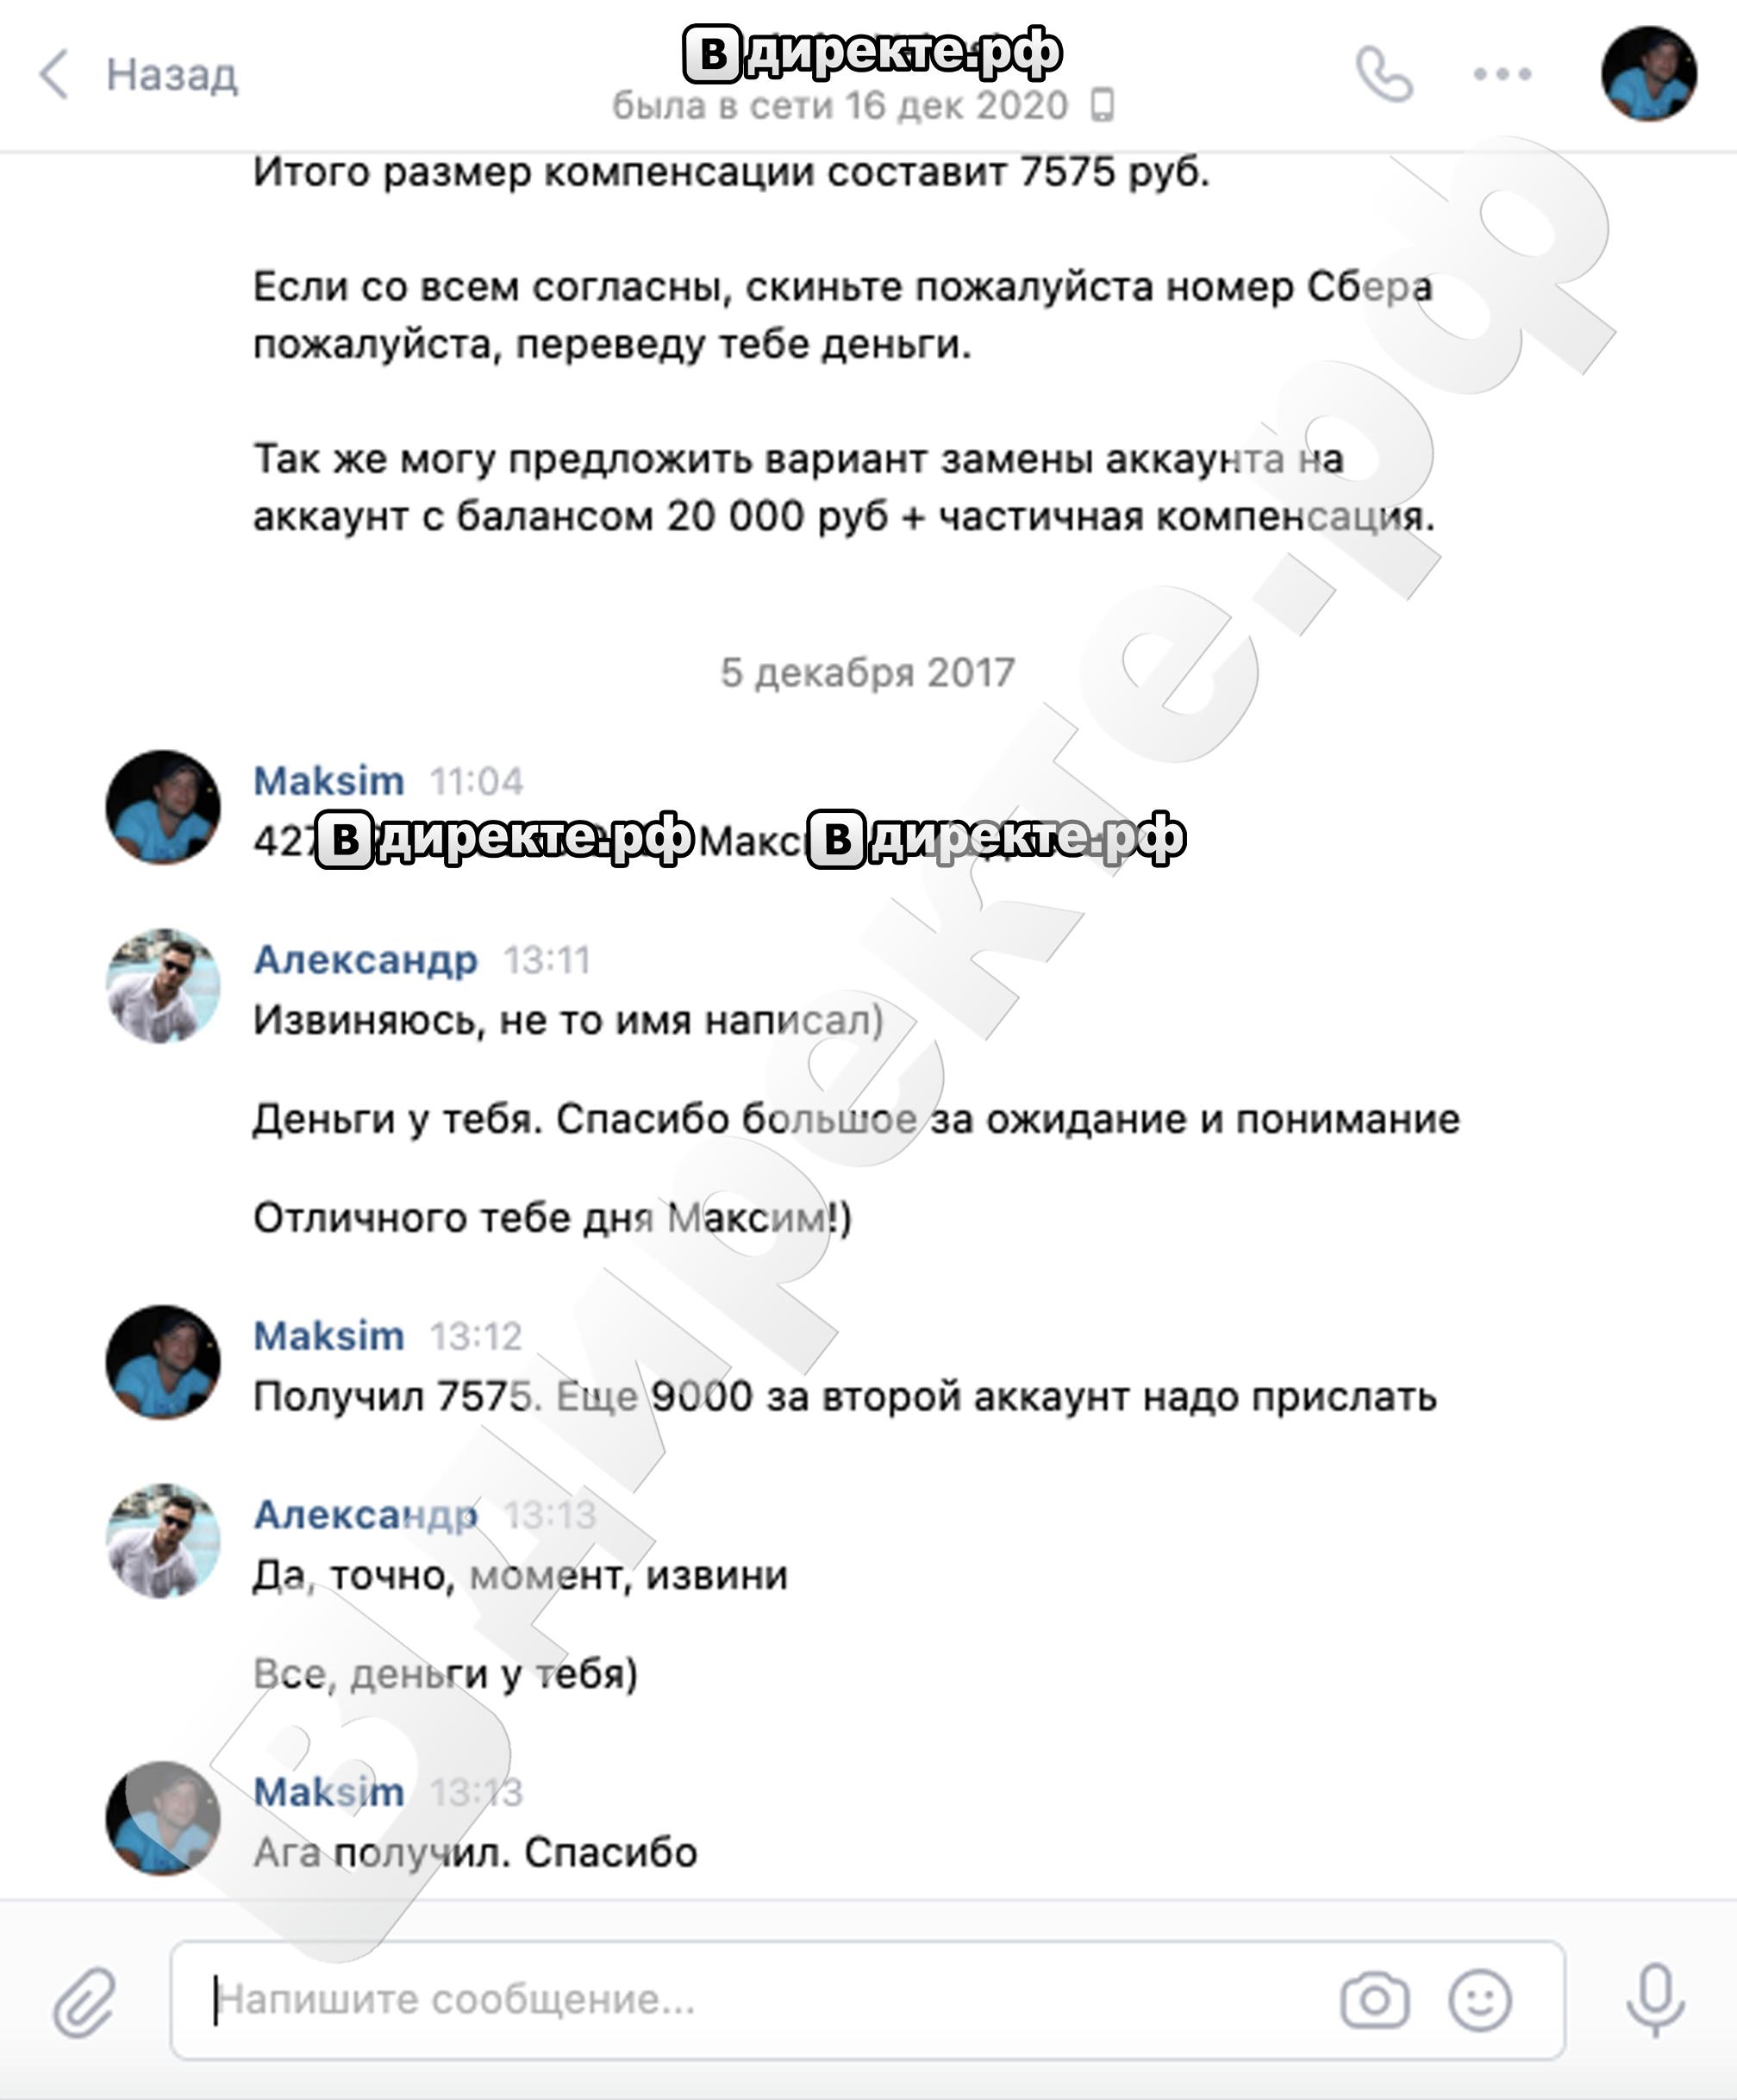 Аккаунты Яндекс Директ